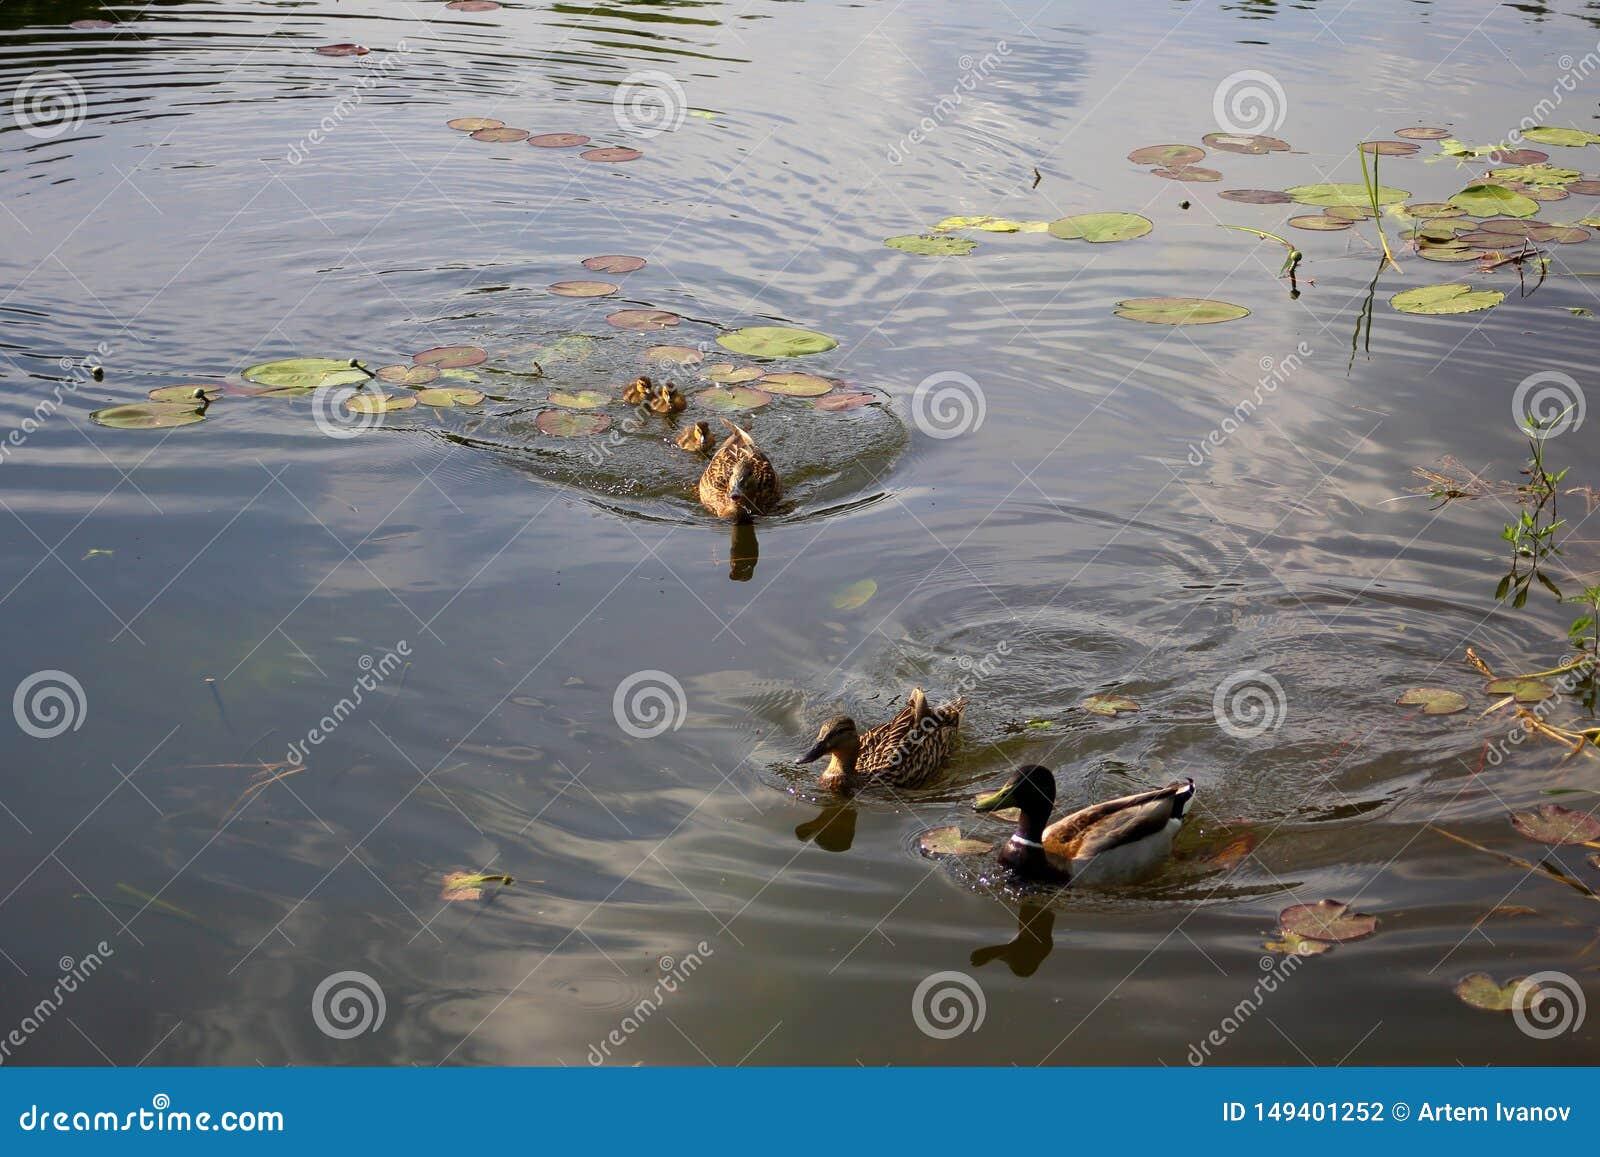 Macierzysta kaczka broni wylęgu ostatnio klujący się kaczątka od innych kaczek